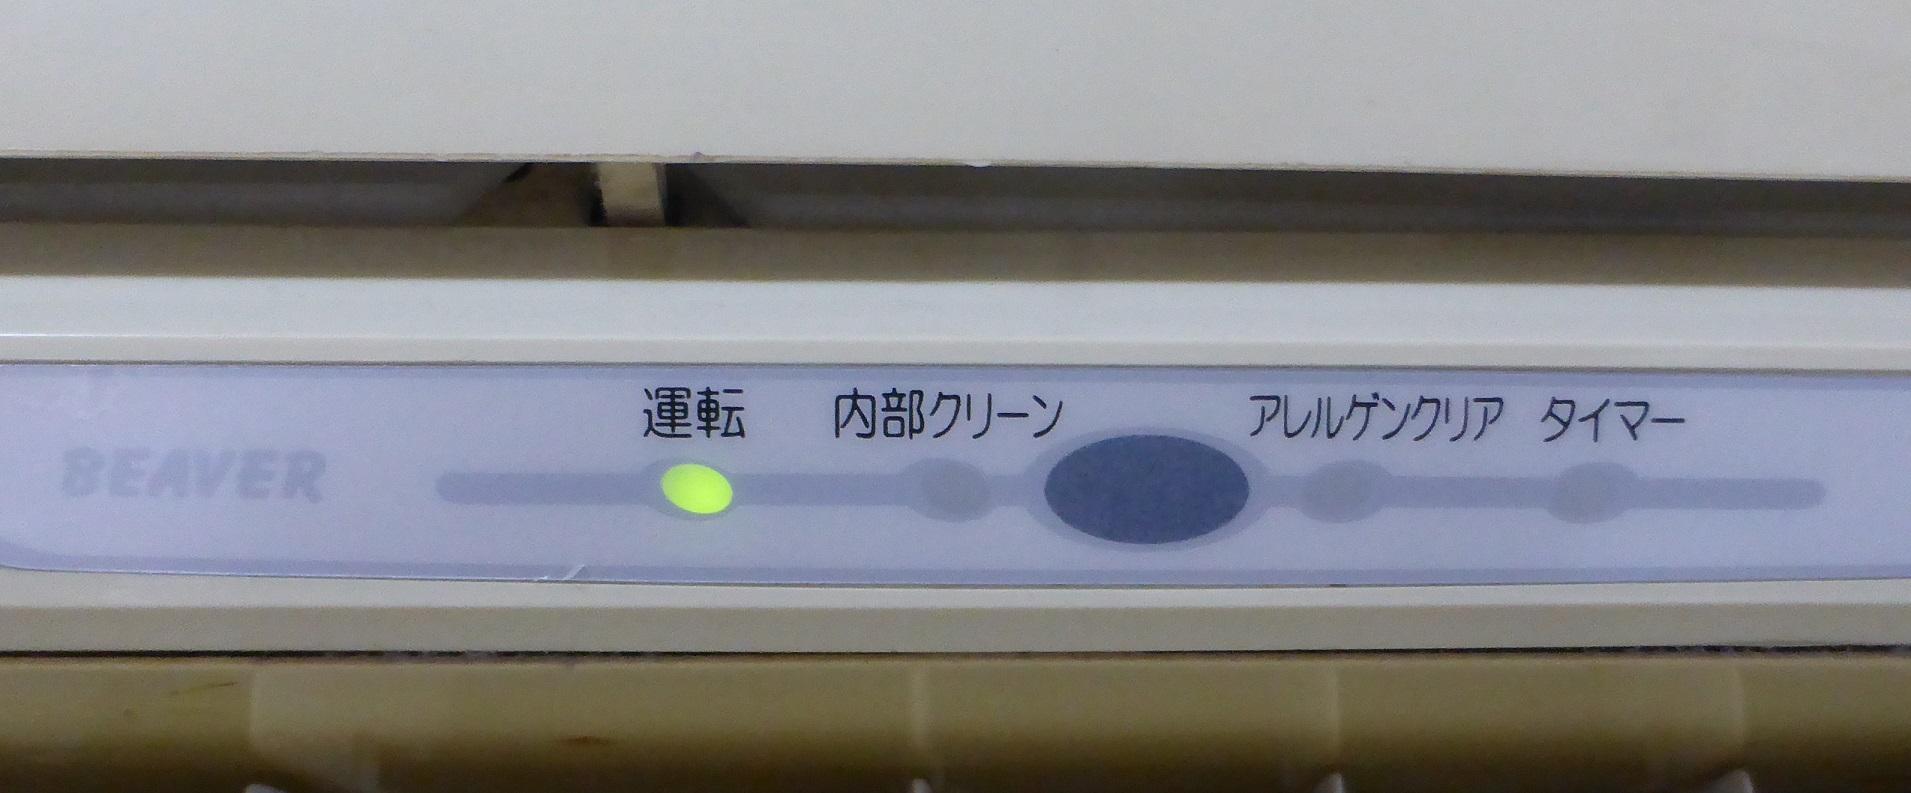 P1060150z.jpg